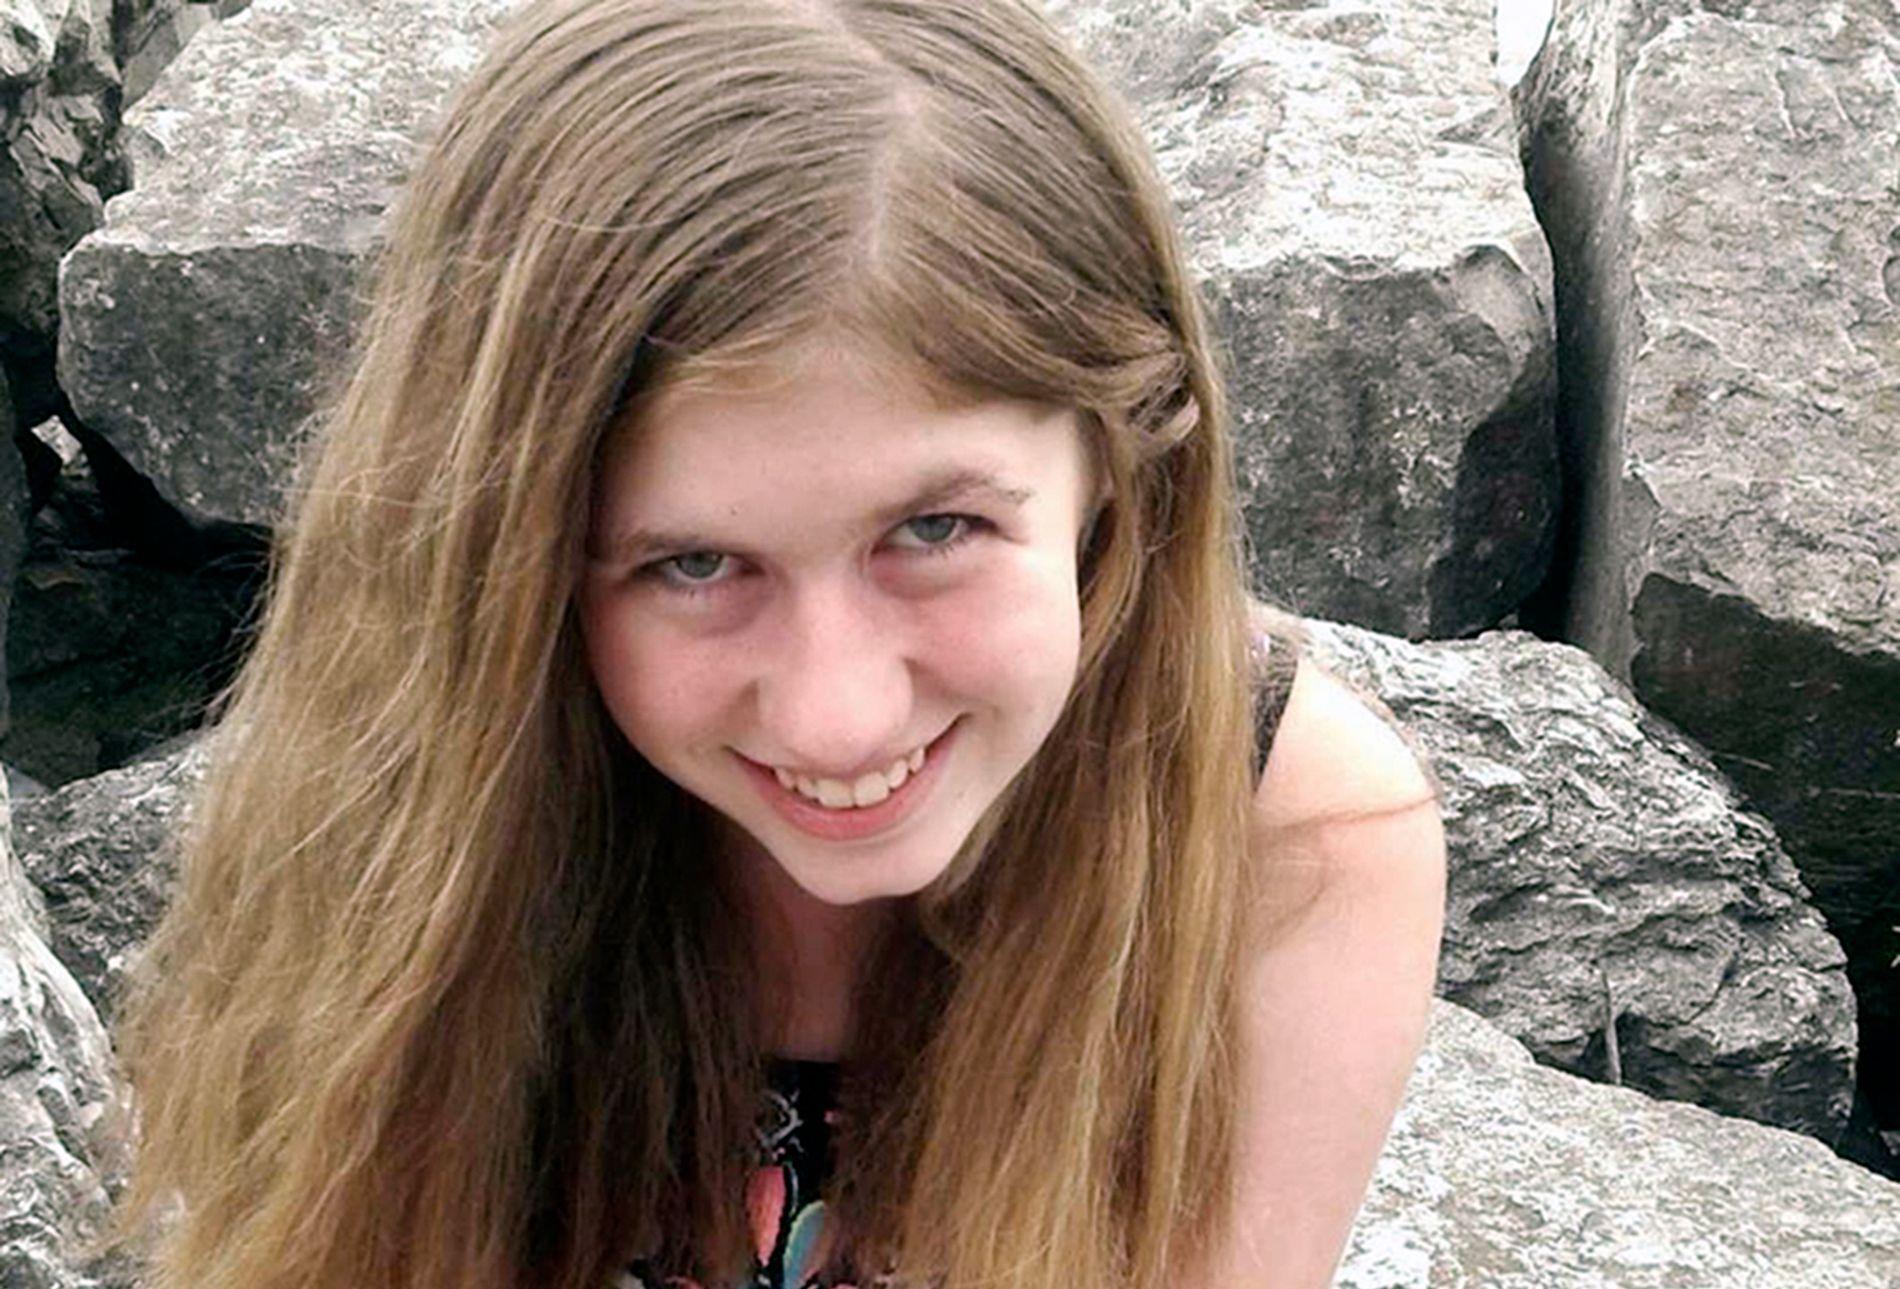 SAVNET: Jayme Closs, er mistenkt bortført etter at foreldrene hennes ble funnet døde mandag.